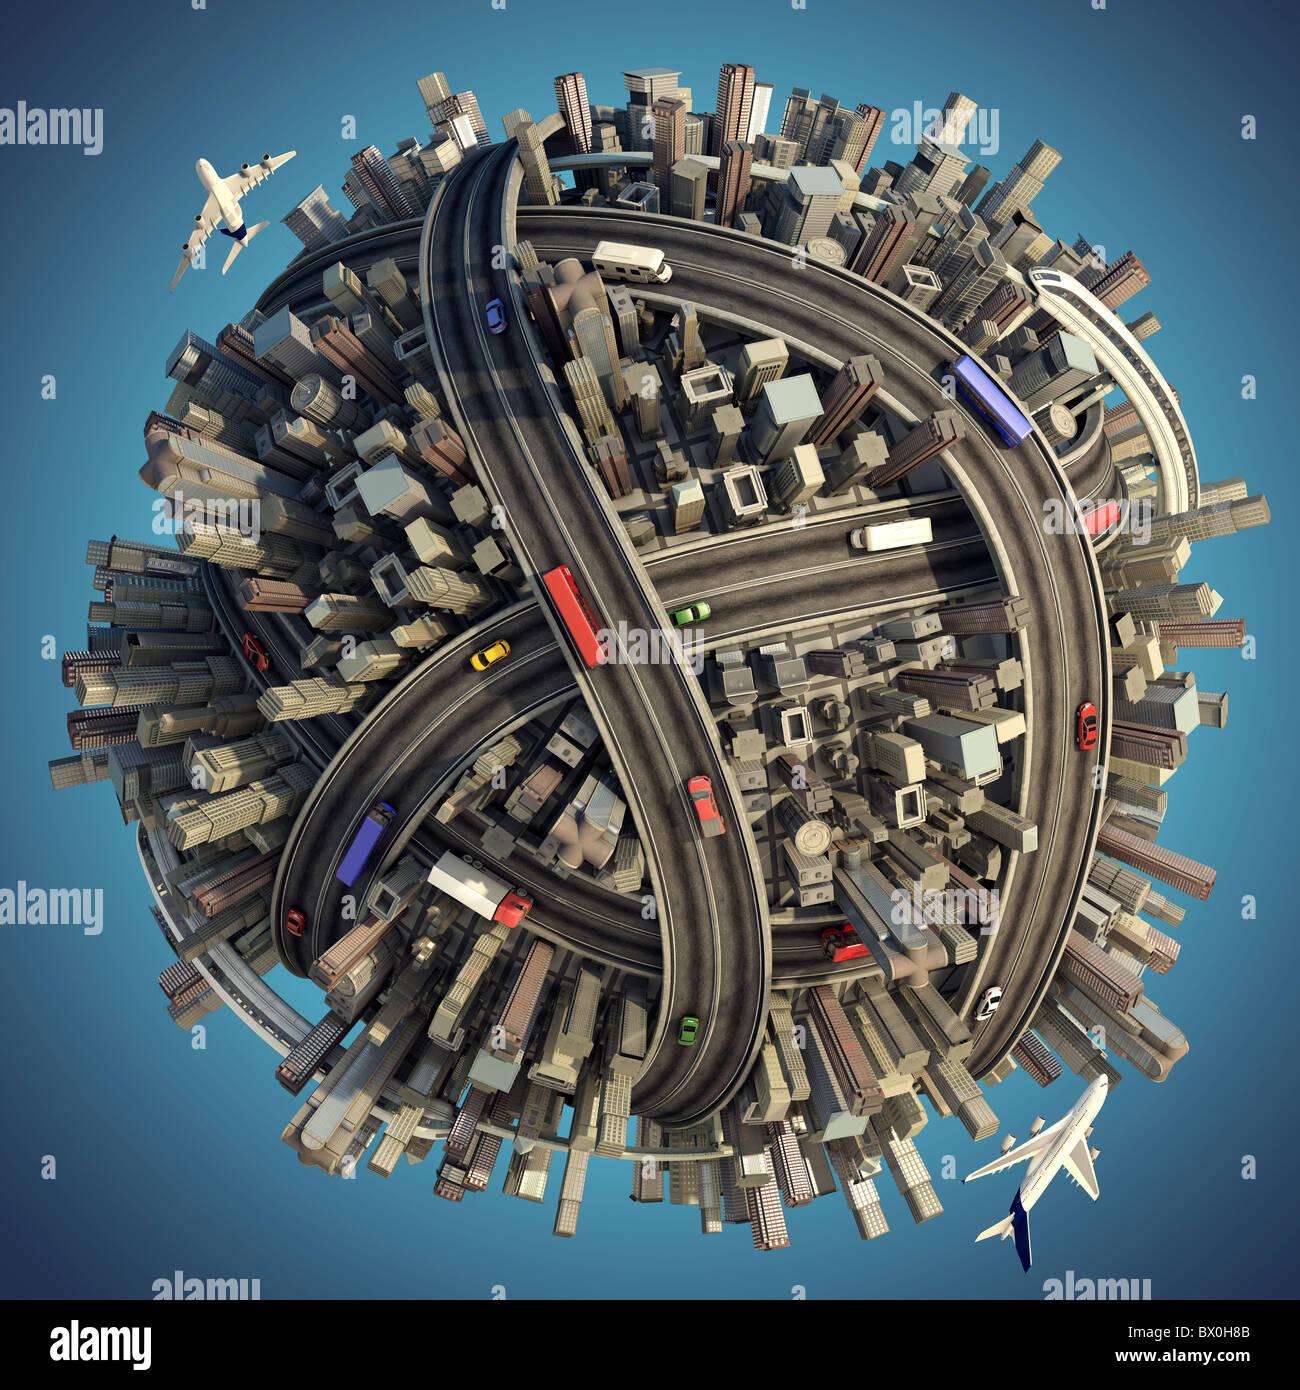 Pianeta in miniatura come concetto per la caotica vita urbana isolata con tracciato di ritaglio Immagini Stock